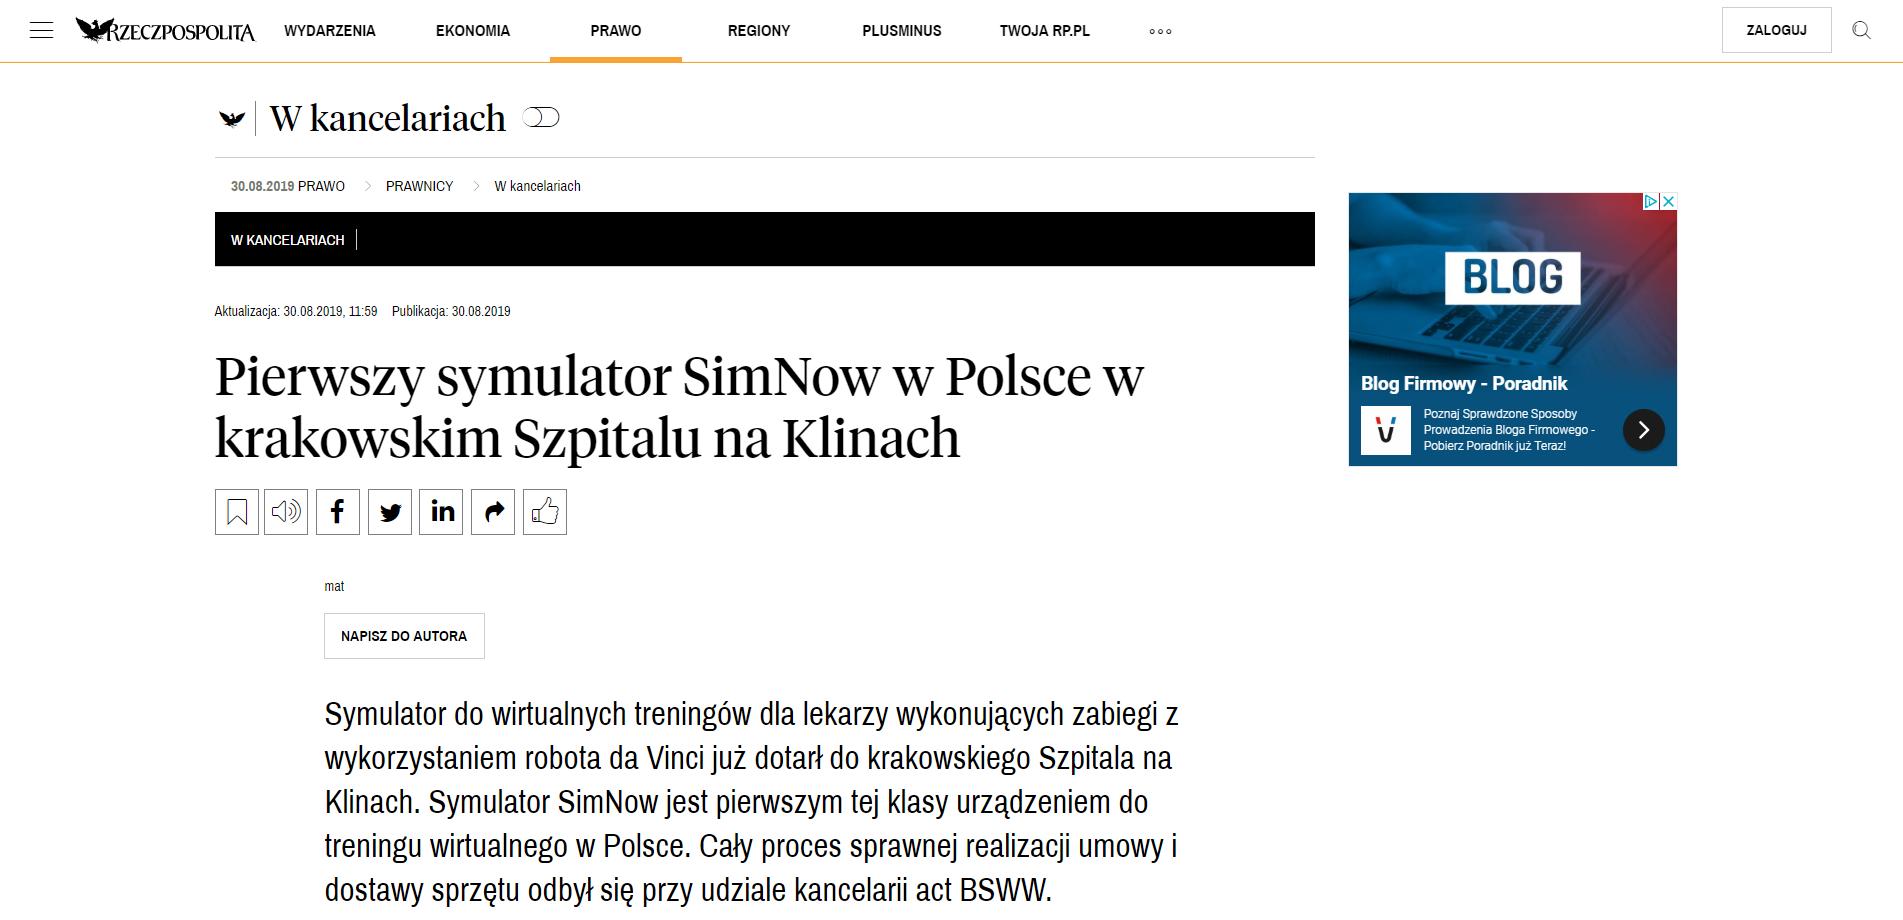 Pierwszy symulator SimNow w Polsce w krakowskim Szpitalu na Klinach